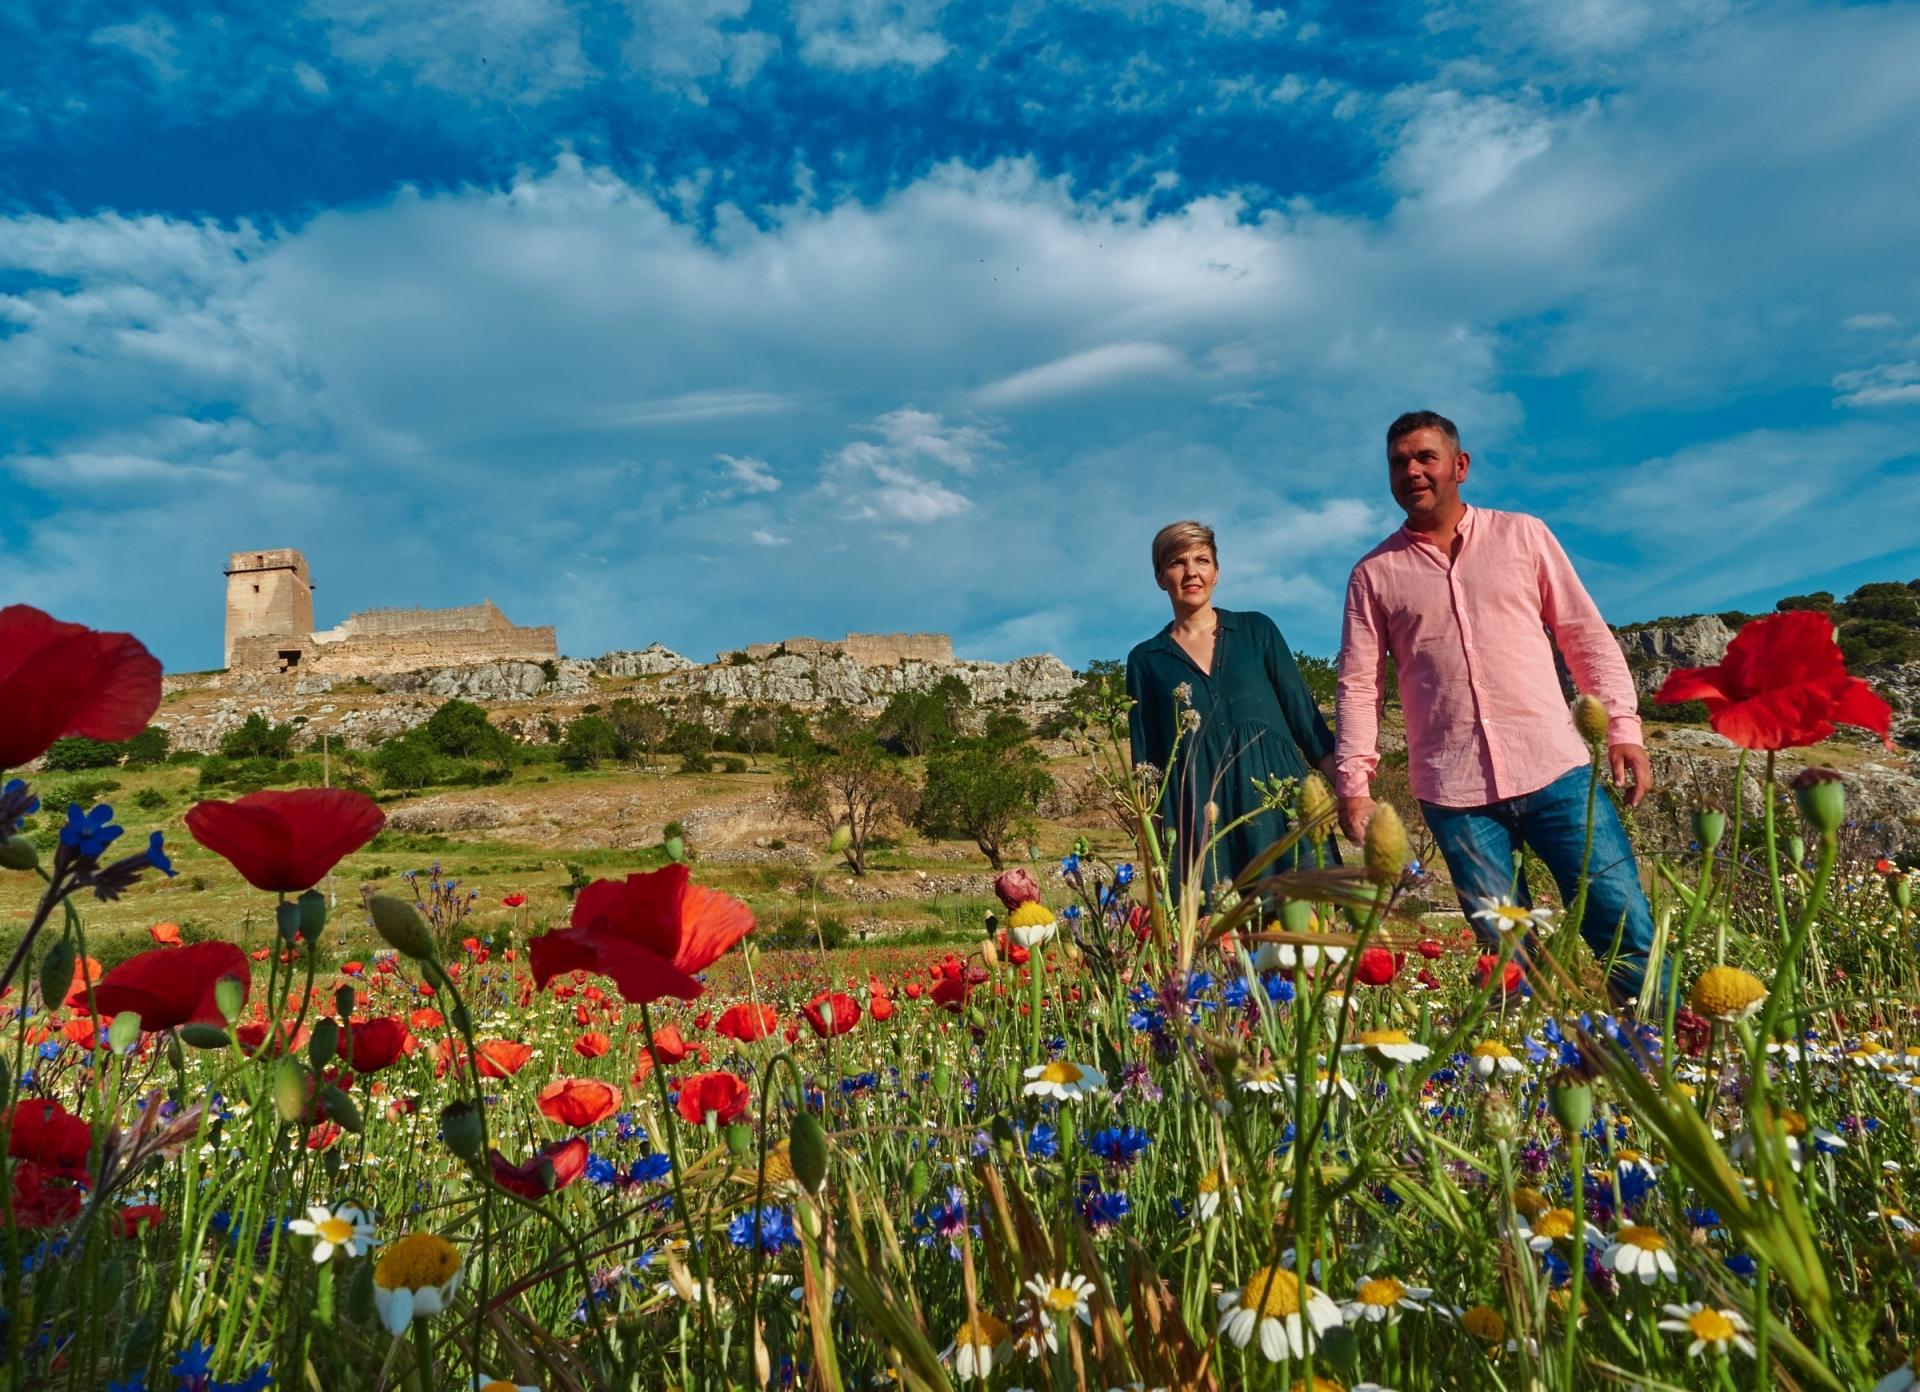 Visita guiada al Castillo de Taibilla